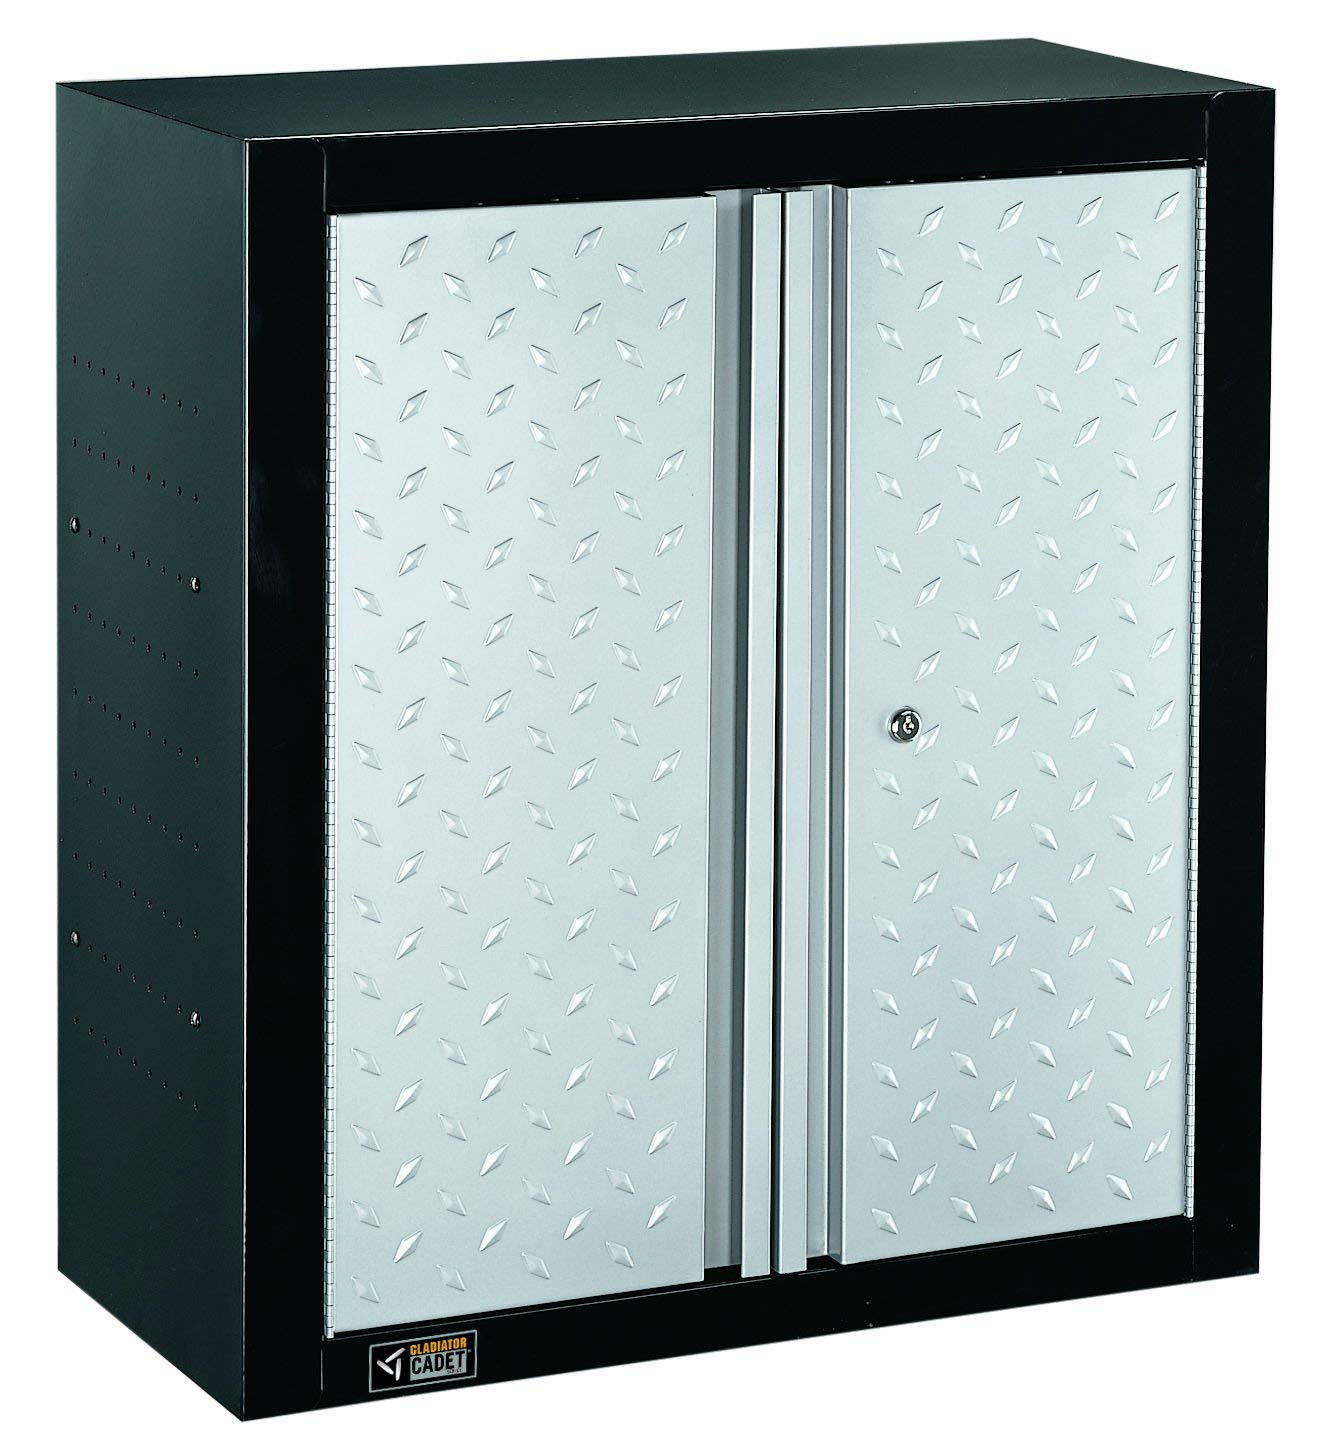 Gladiator Cadet CADET-1250 2-Door Wall Cabinet